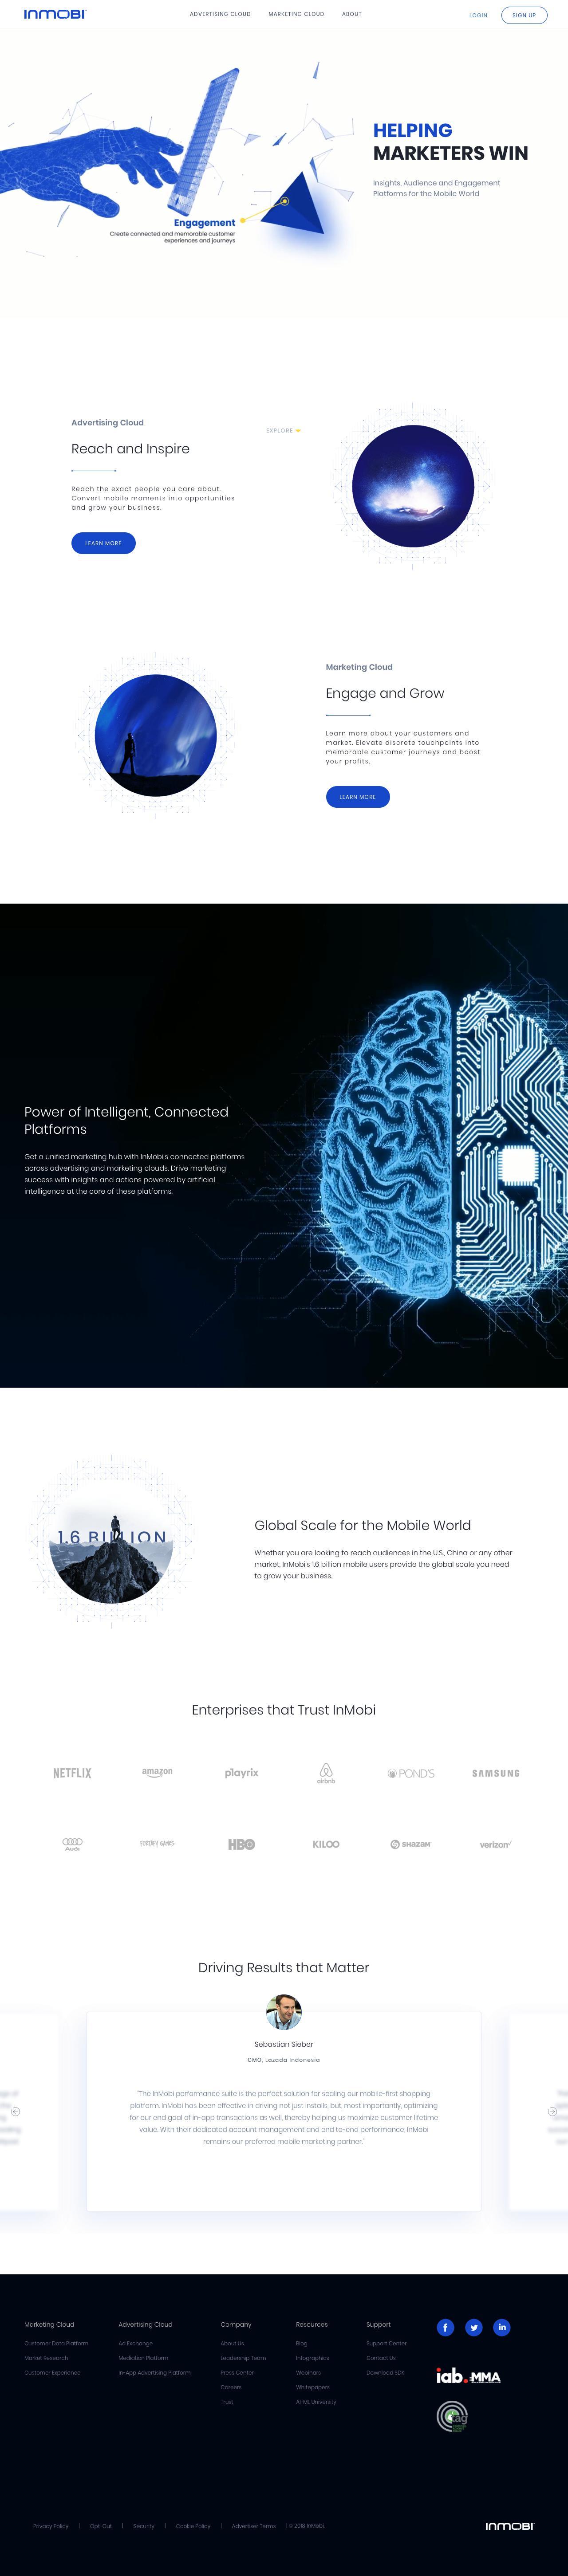 Screenshot of inmobi.com - InMobi | Global provider of cloud based intelligent mobile platforms for enterprise marketers - captured June 28, 2018